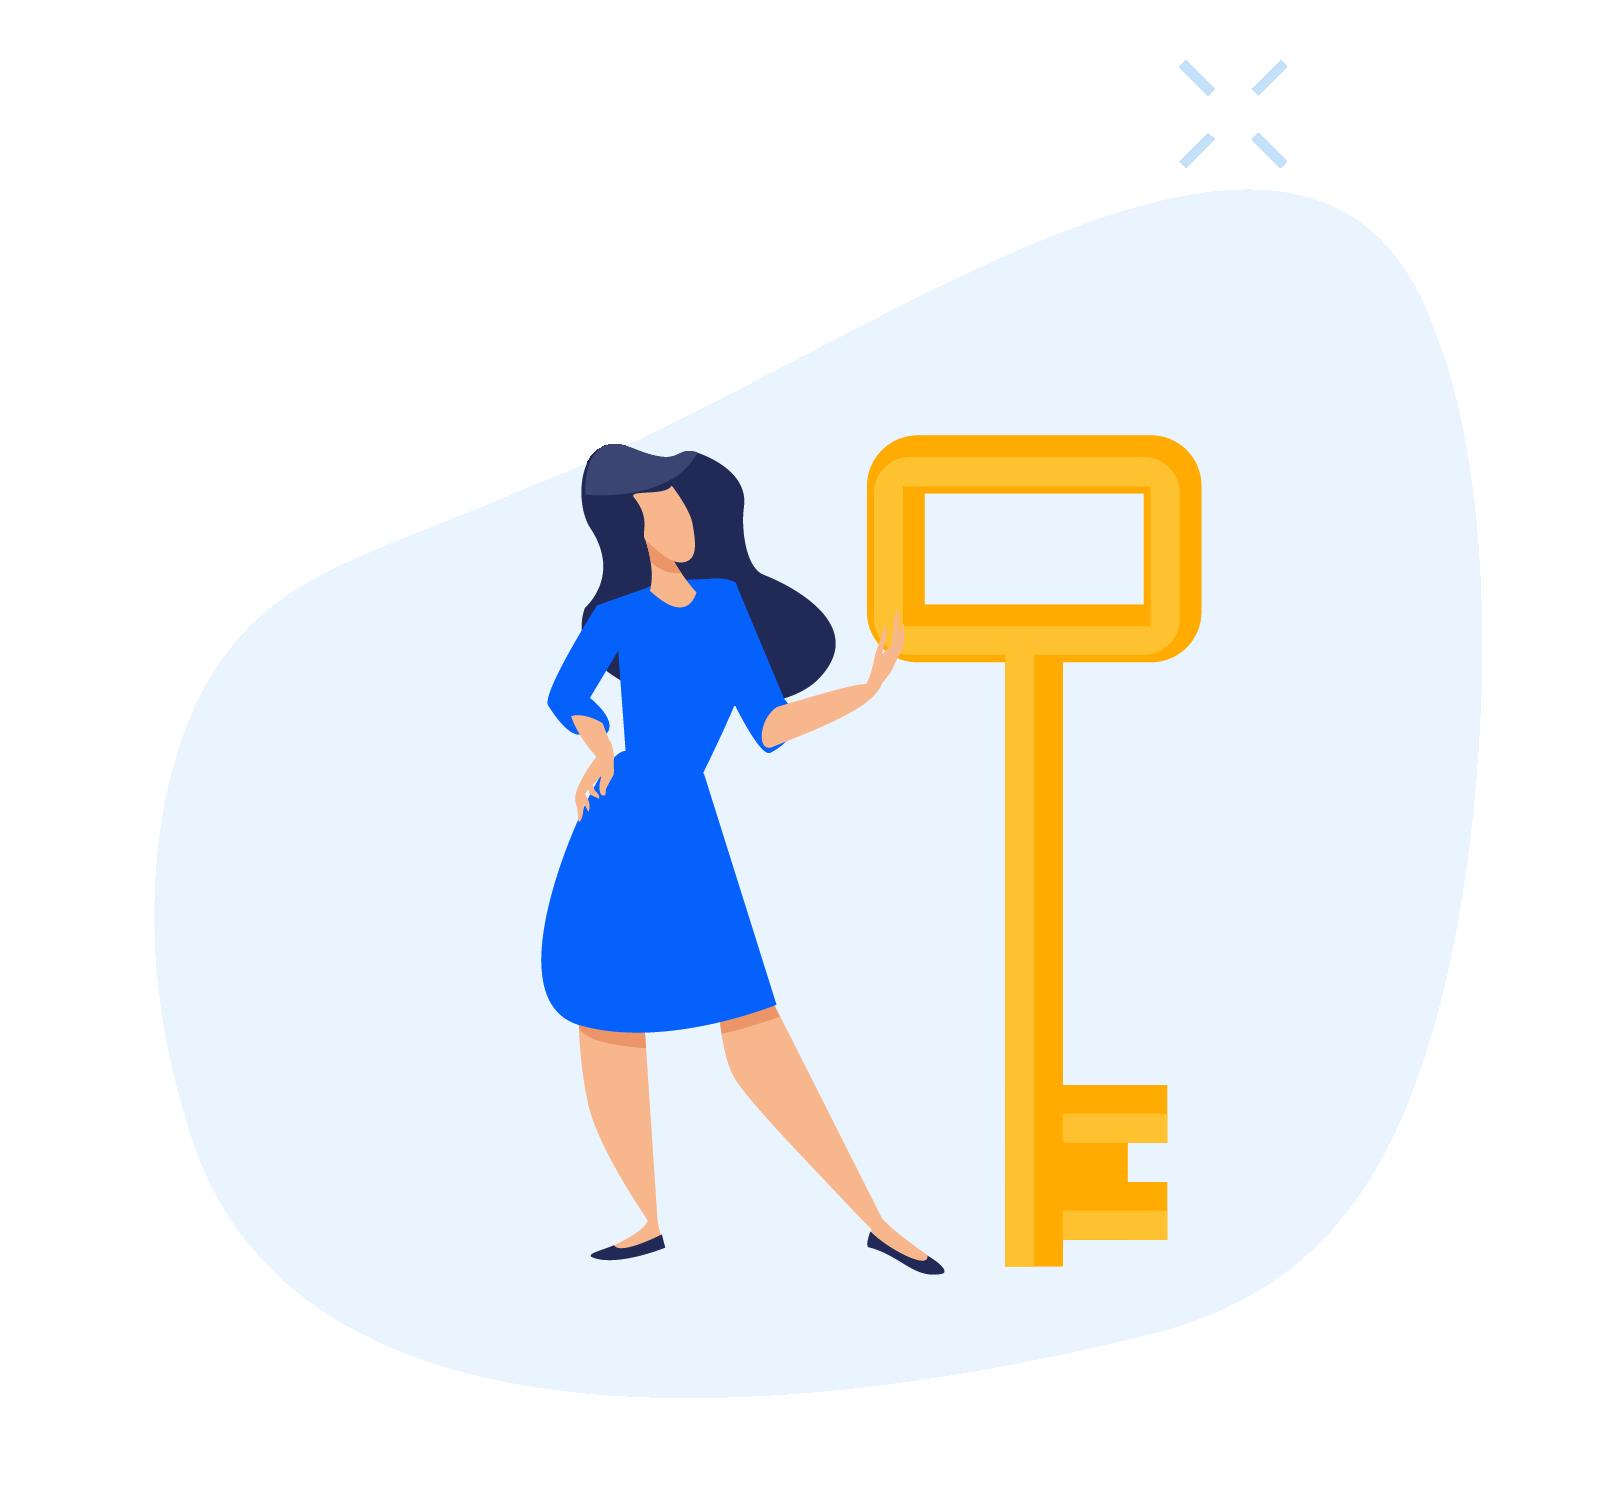 icon teilen | emerkey - Schlüssel lagern, teilen & liefern. Schlüssel-Service | Deine Alternative zum Schlüsseldienst